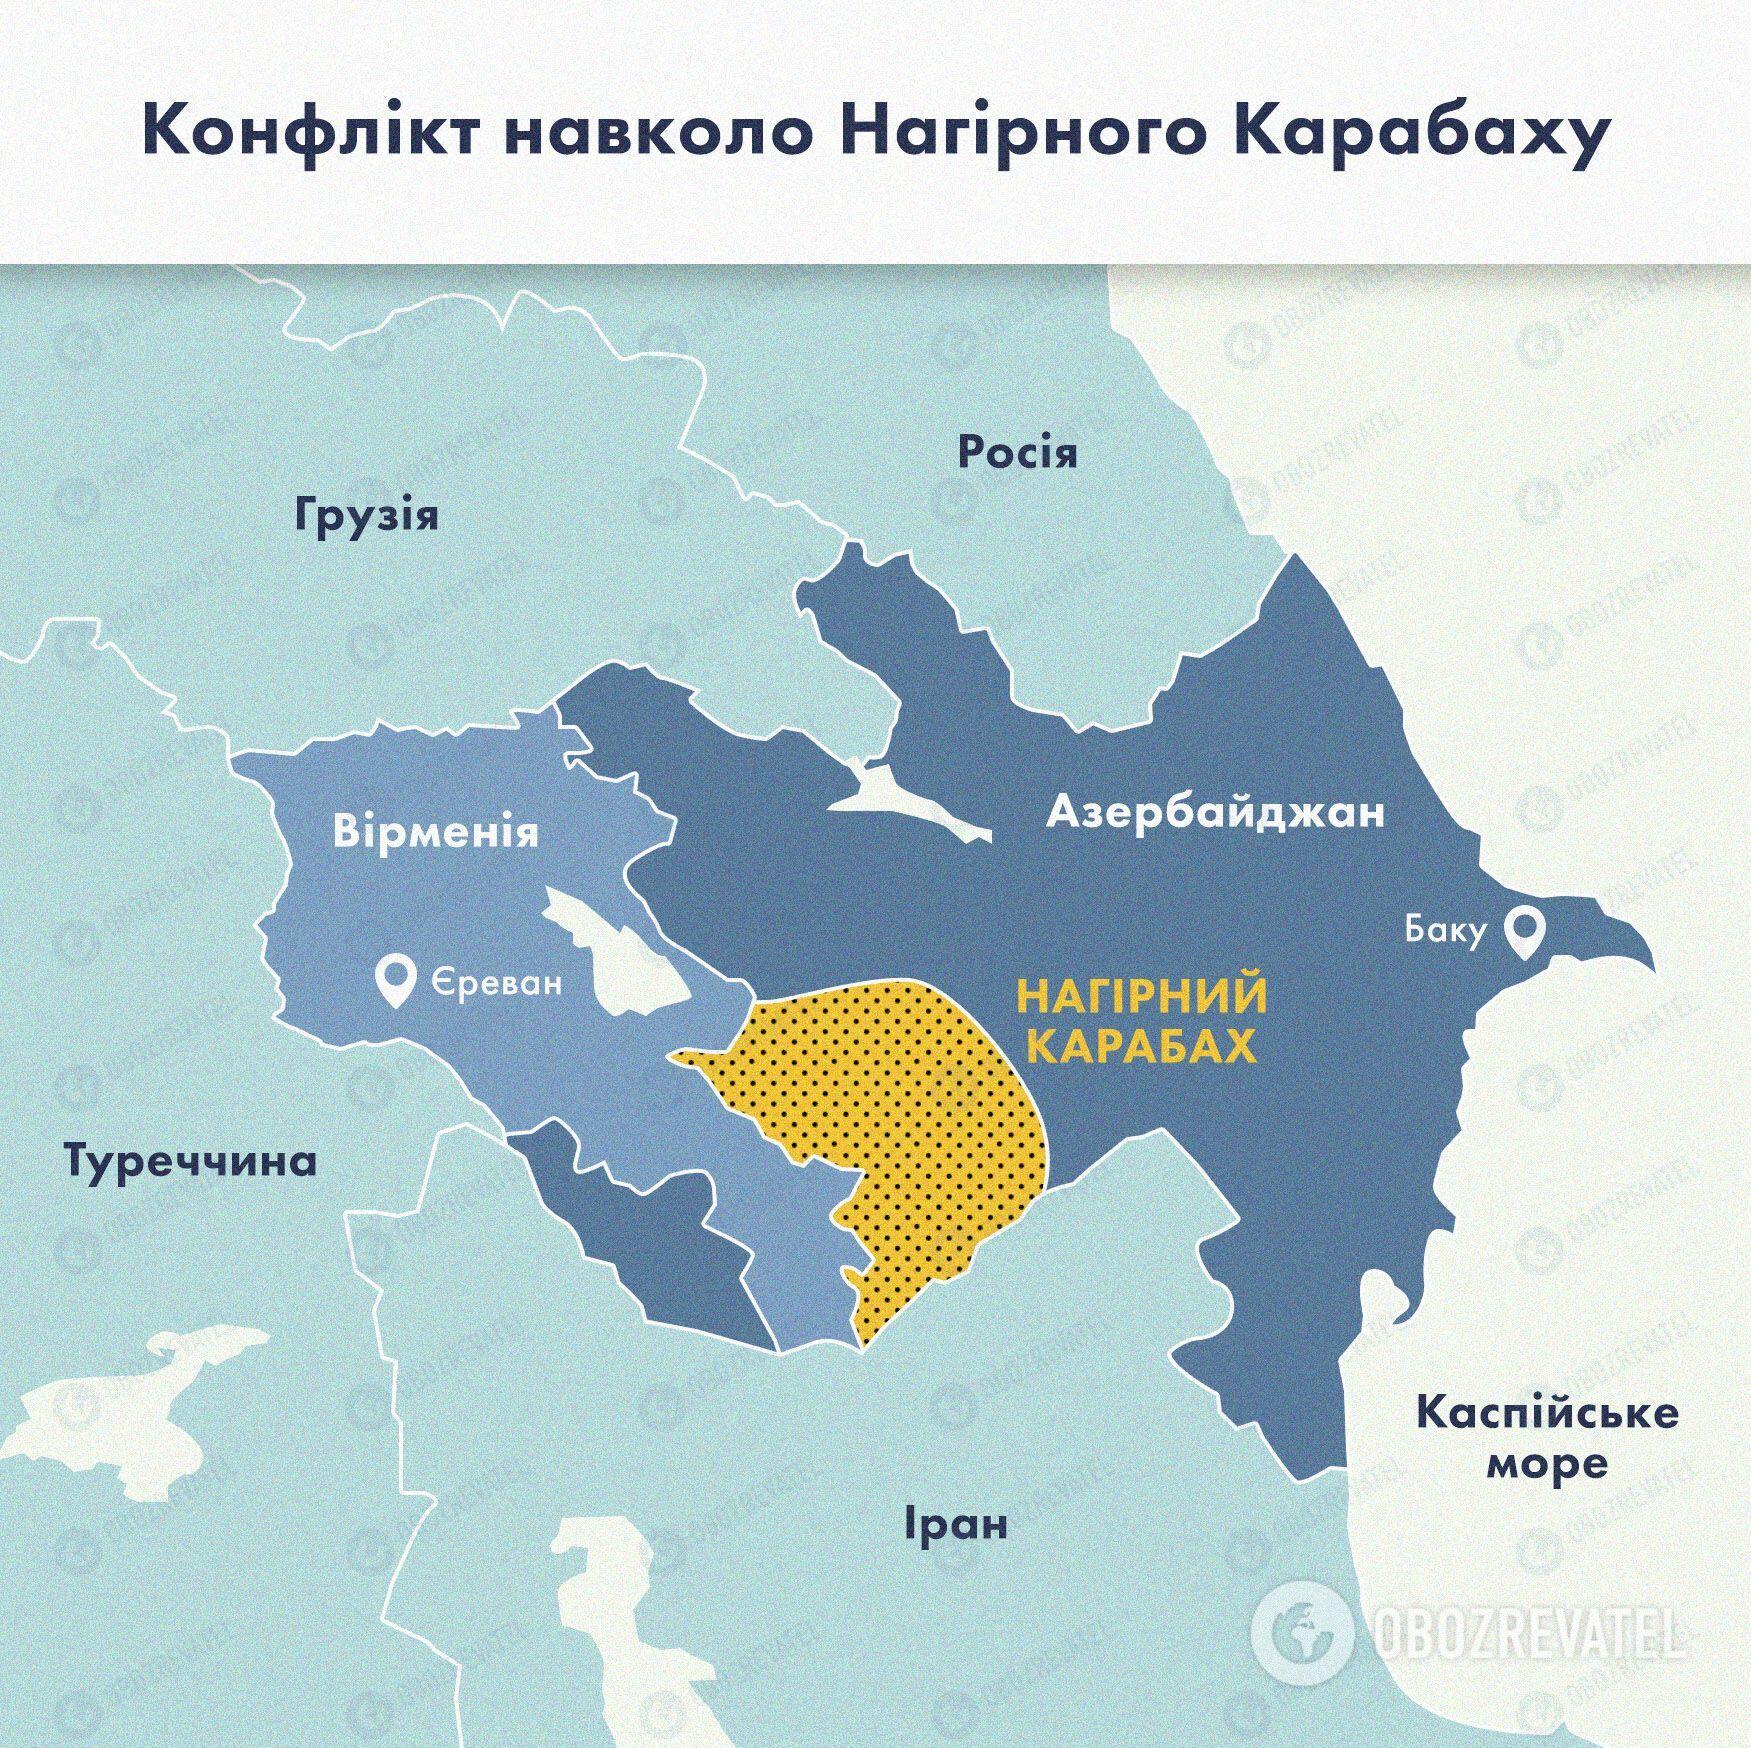 Територія, де розгорнулися бойові дії між Азербайджаном і Вірменією.